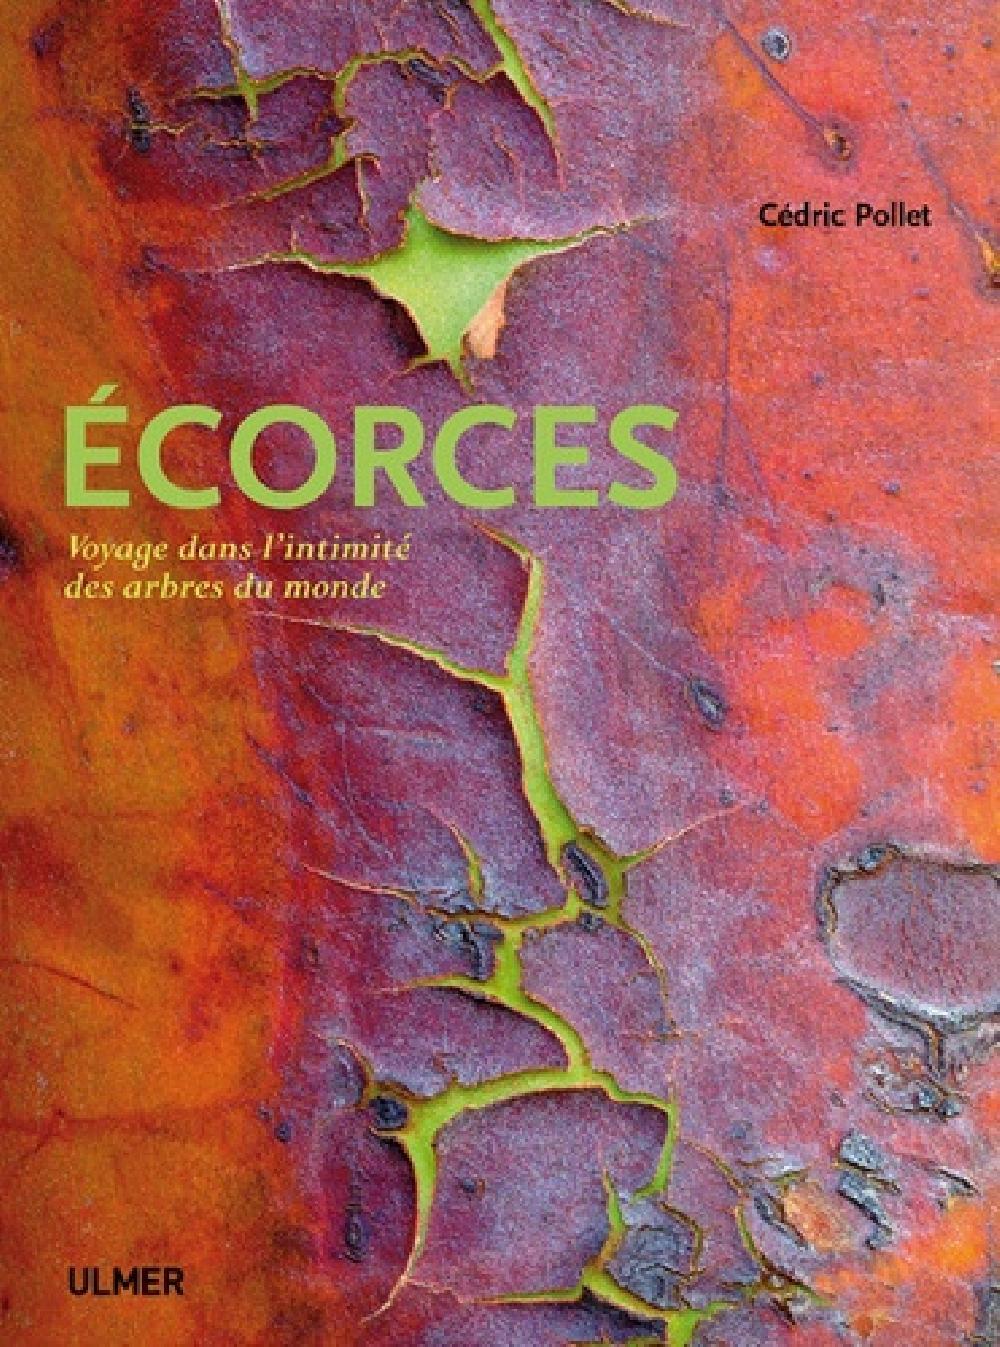 Ecorces - Voyage dans l'intimité des arbres du monde